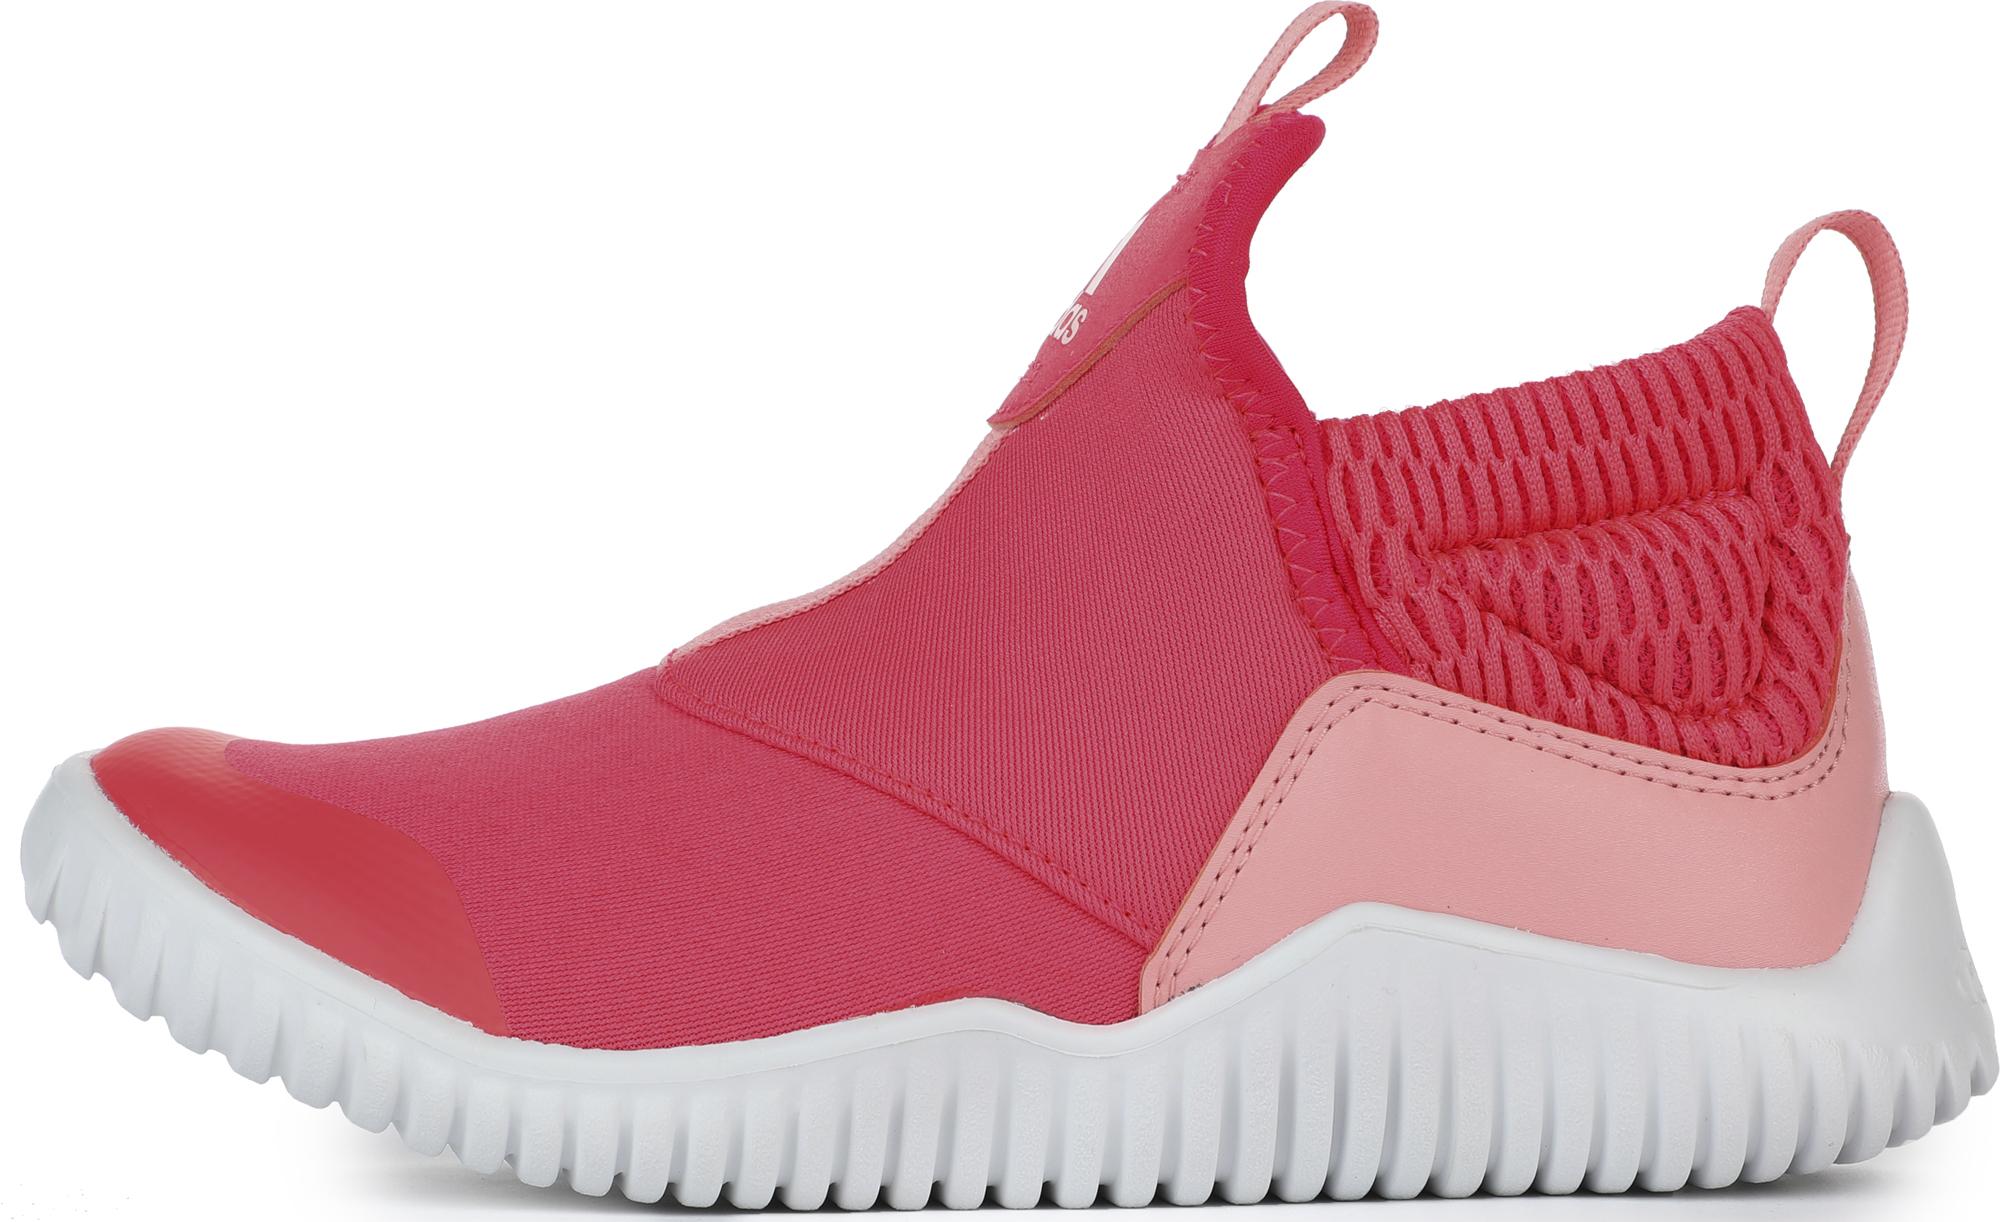 Adidas Кроссовки для девочек Adidas Rapidazen, размер 34 кроссовки детские adidas цвет белый cg6708 размер 31 19